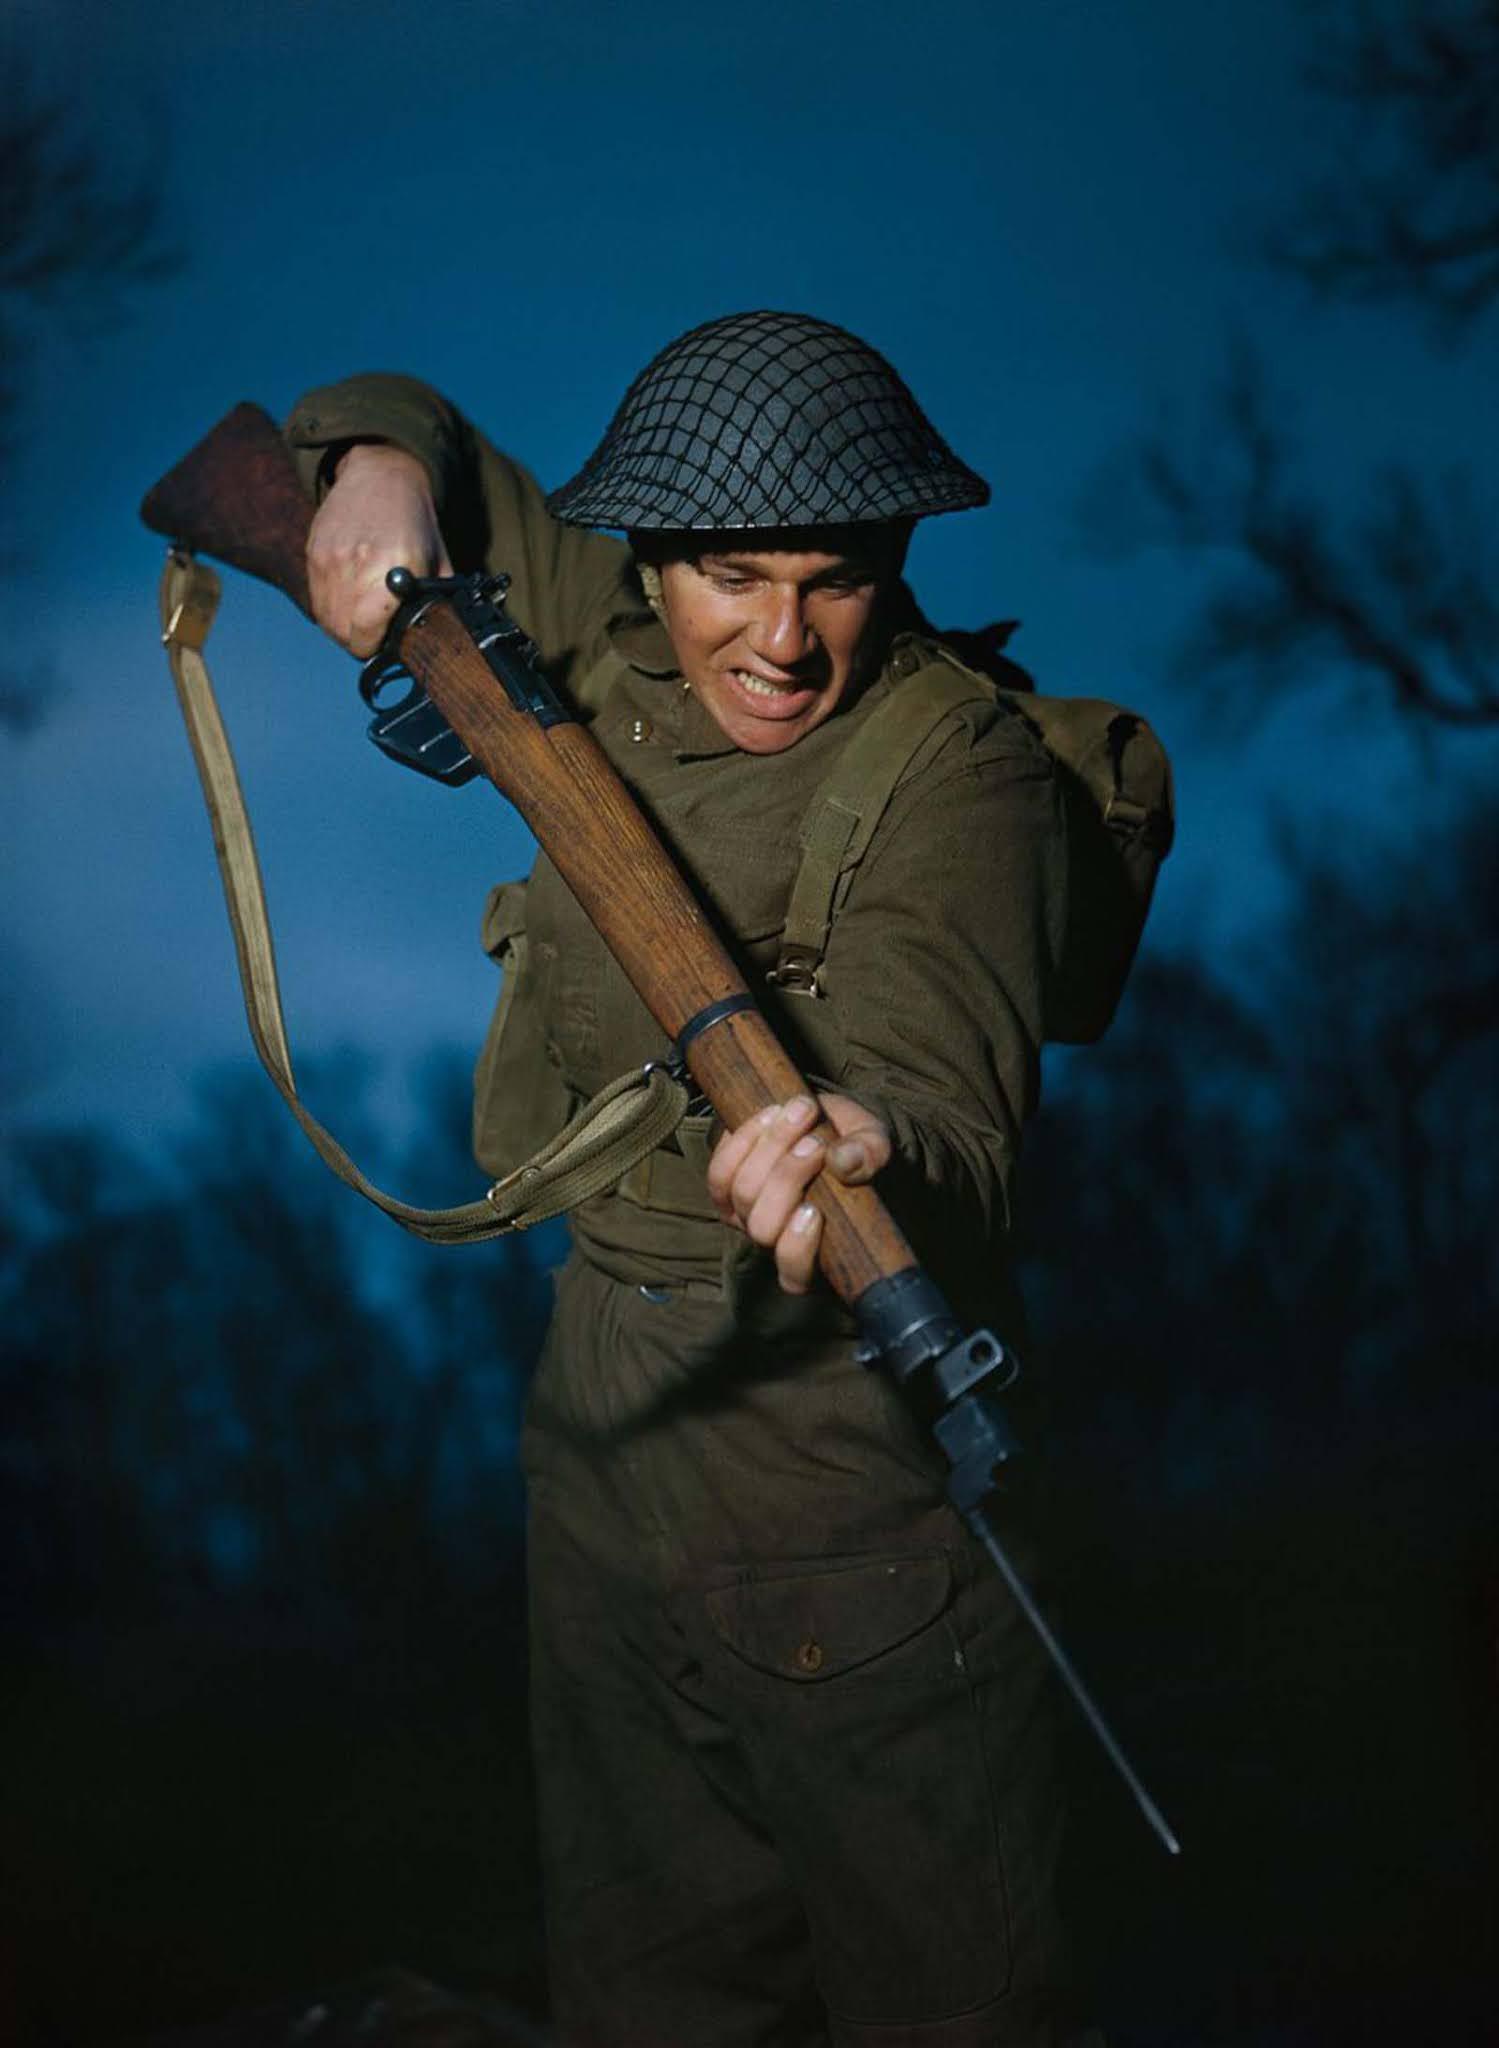 Alfred Campin közlegény a 6. zászlóaljból, a Durham könnyű gyalogságból Nagy-Britanniában a harci kiképzés során.  1944.